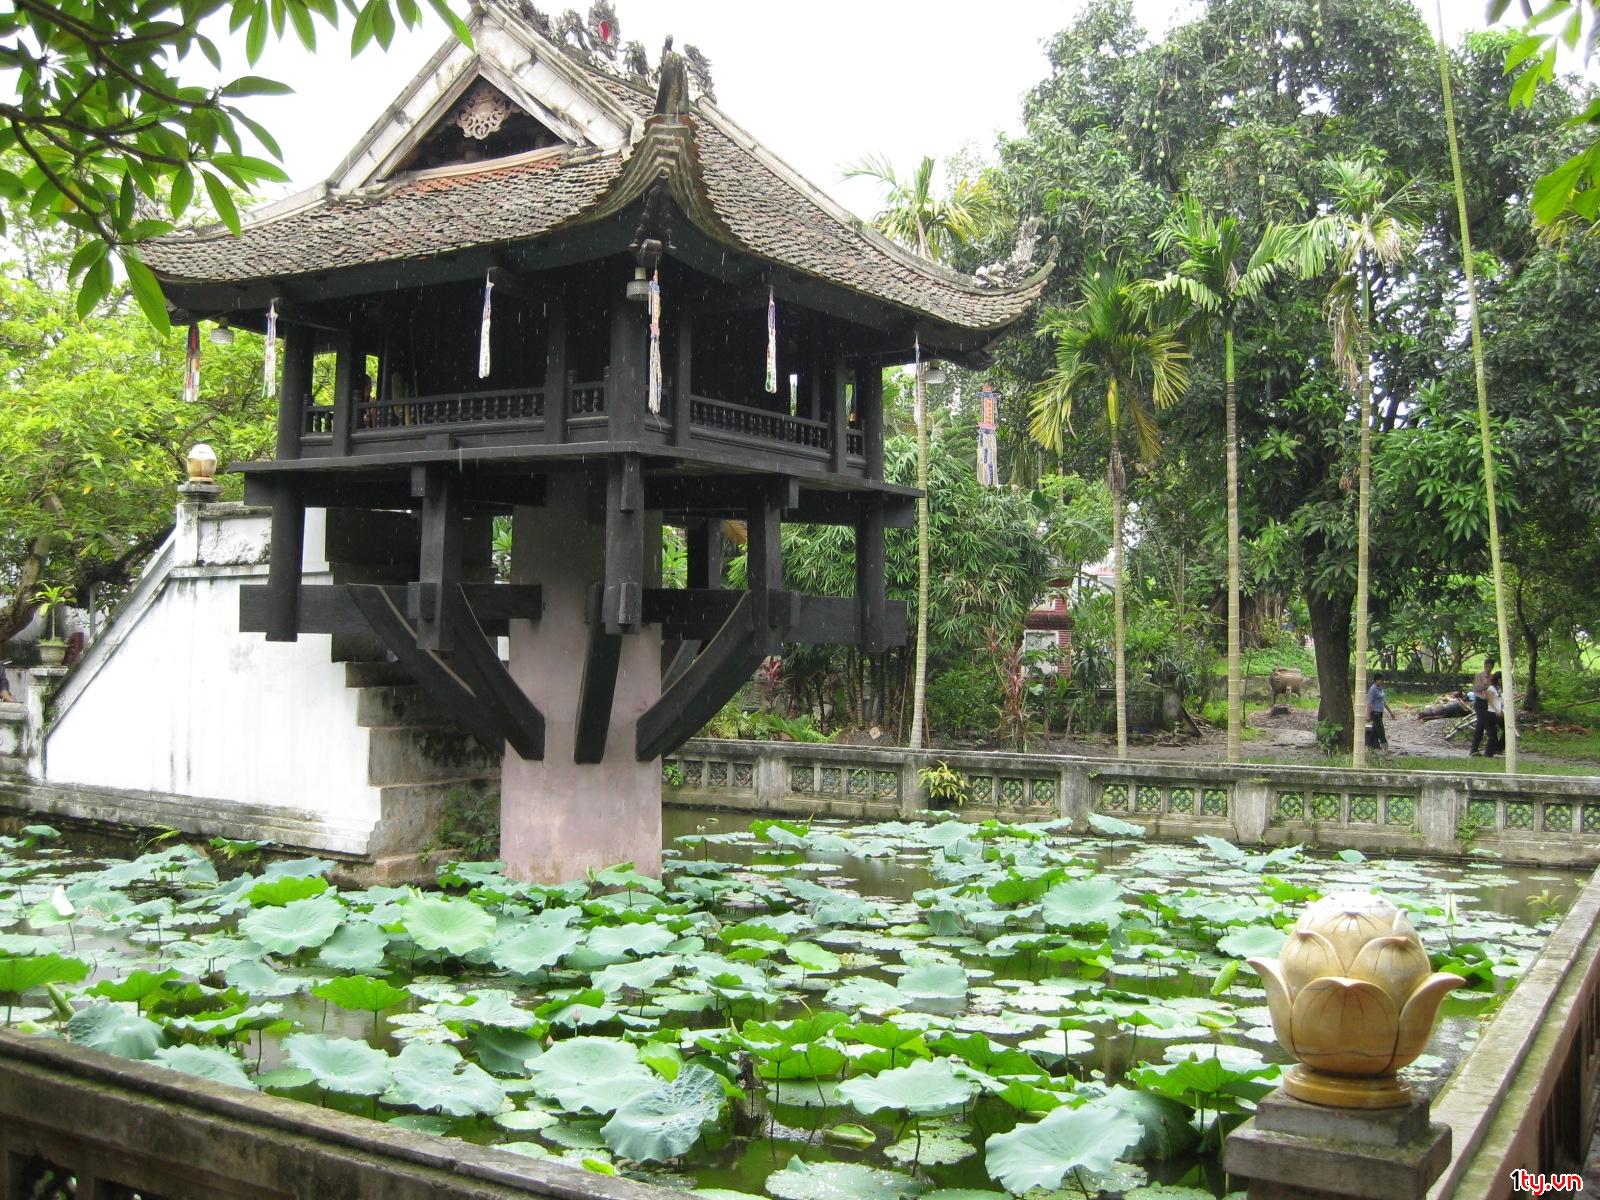 Du lịch trong nước ở Hà Nội - Tham quan Chùa Một Cột